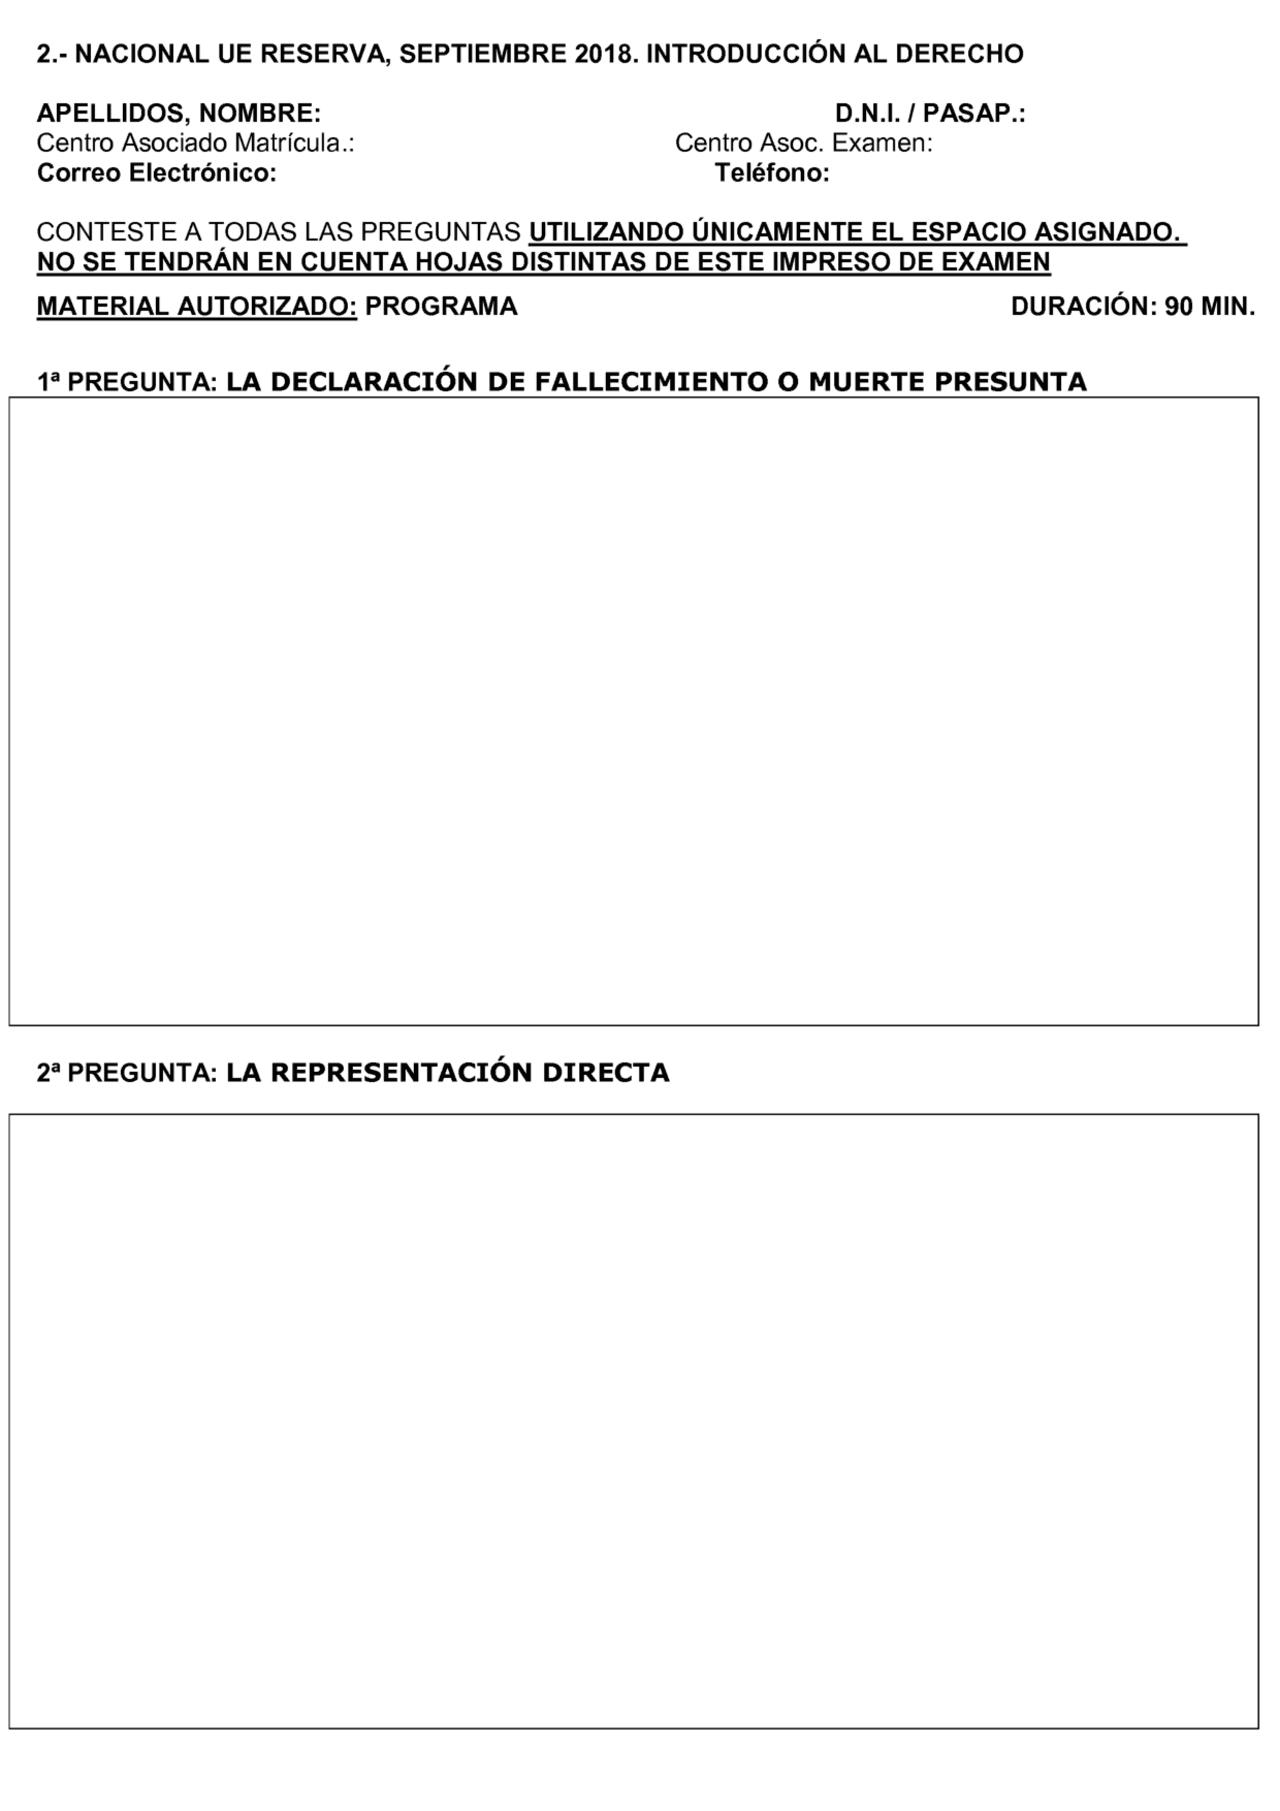 Examenes Uned 2020 Derecho